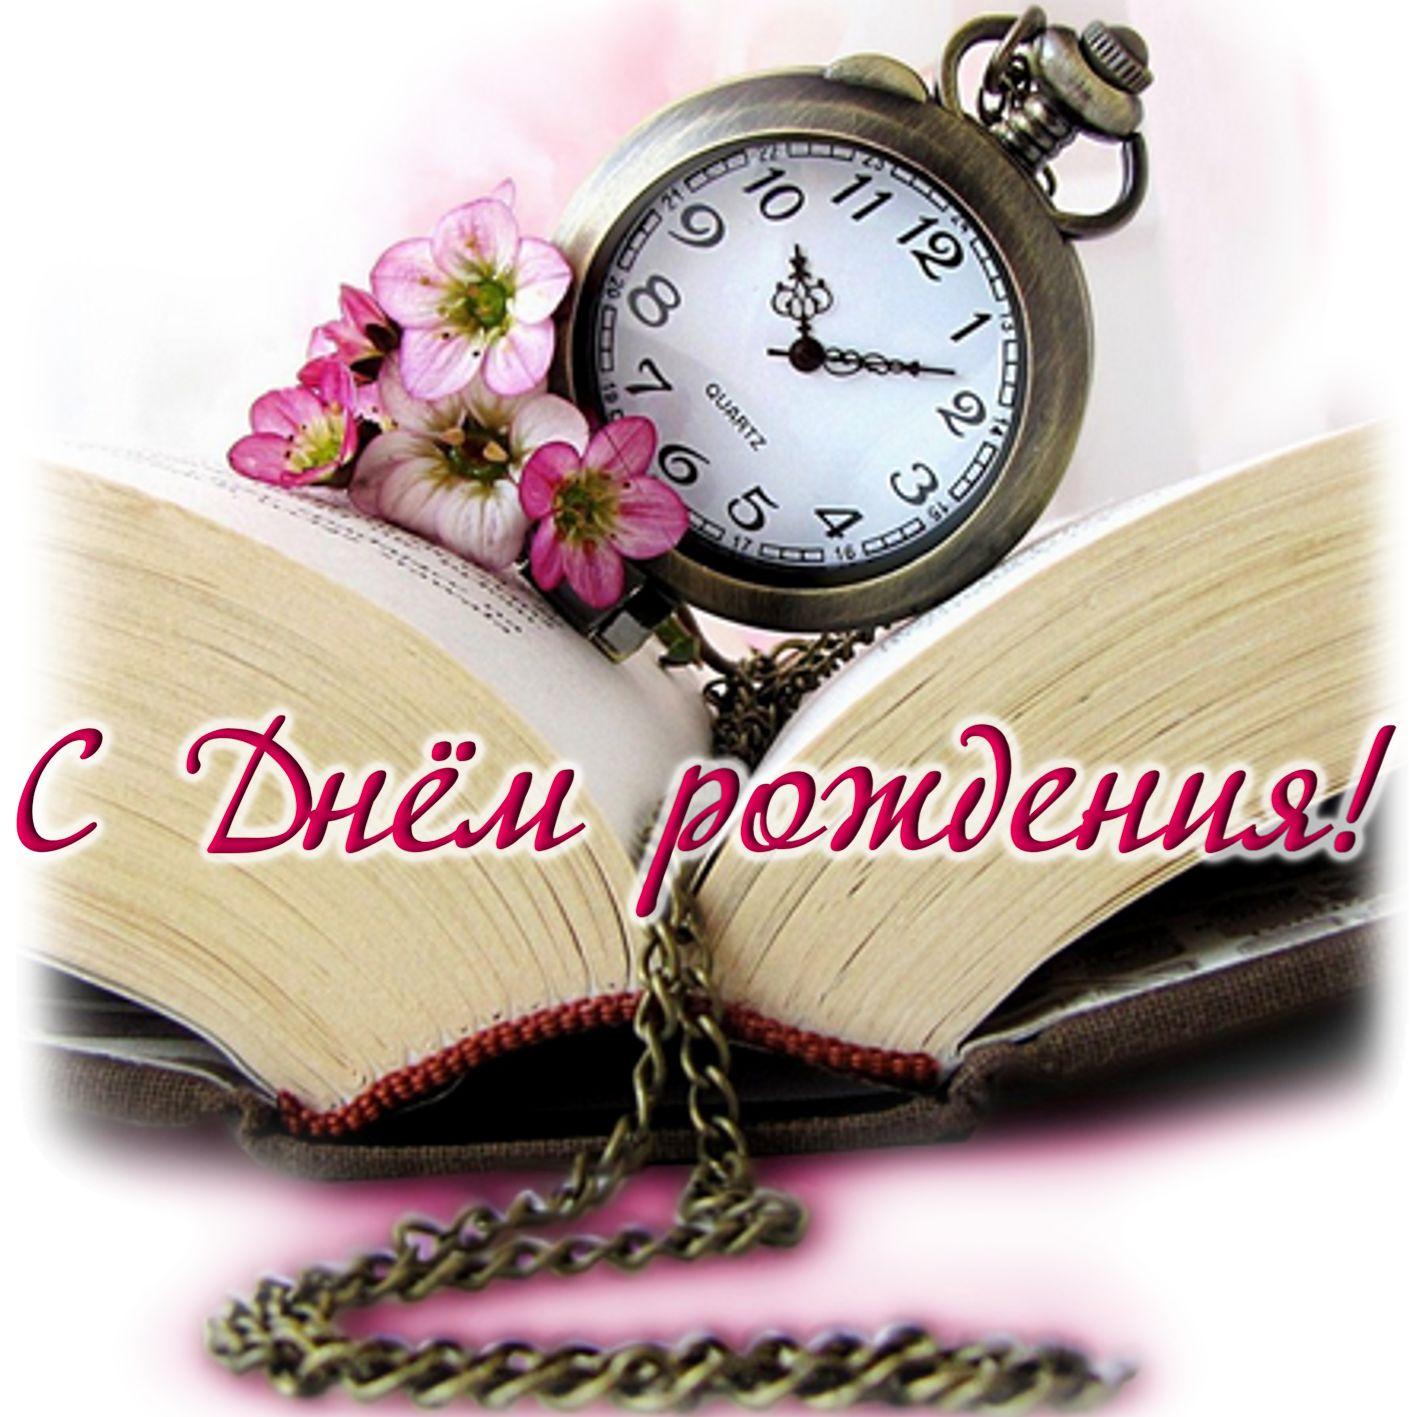 Женщине. Часы на раскрытой книге. С Днём рождения!